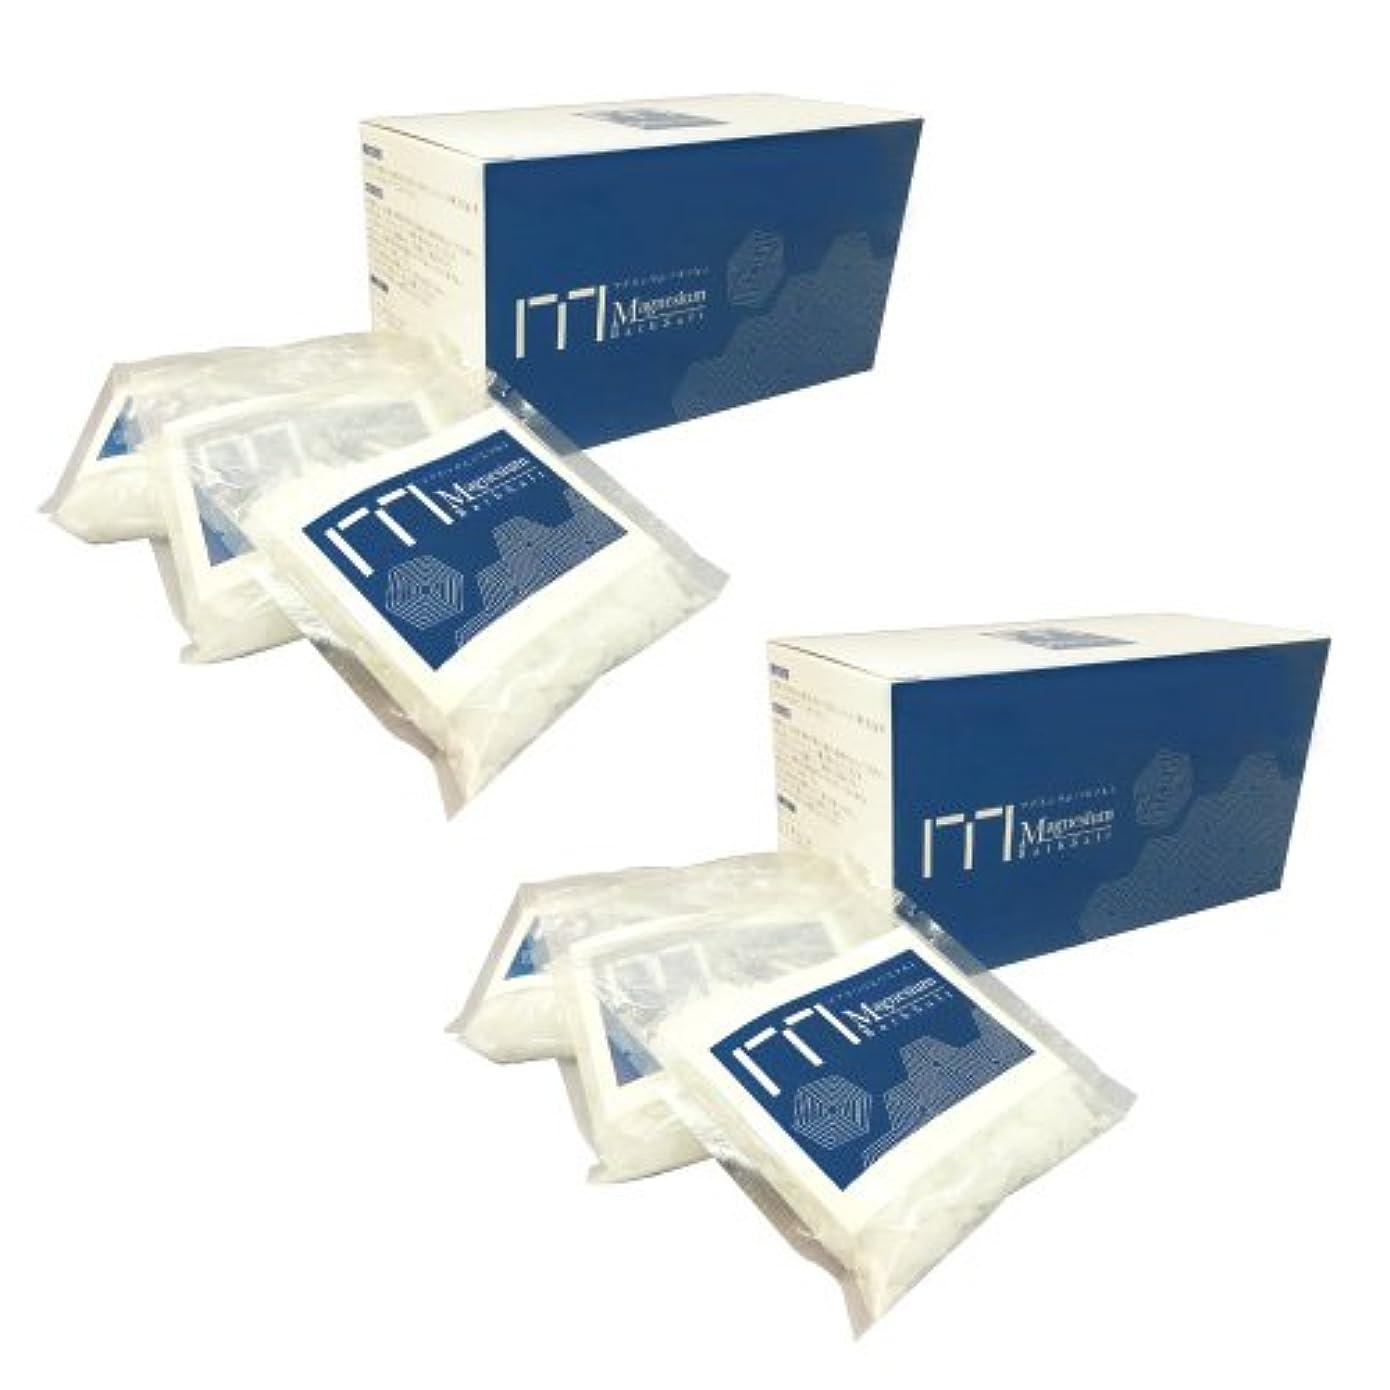 神経面白いバウンスニューサイエンス マグネシウム入浴剤 (2個)